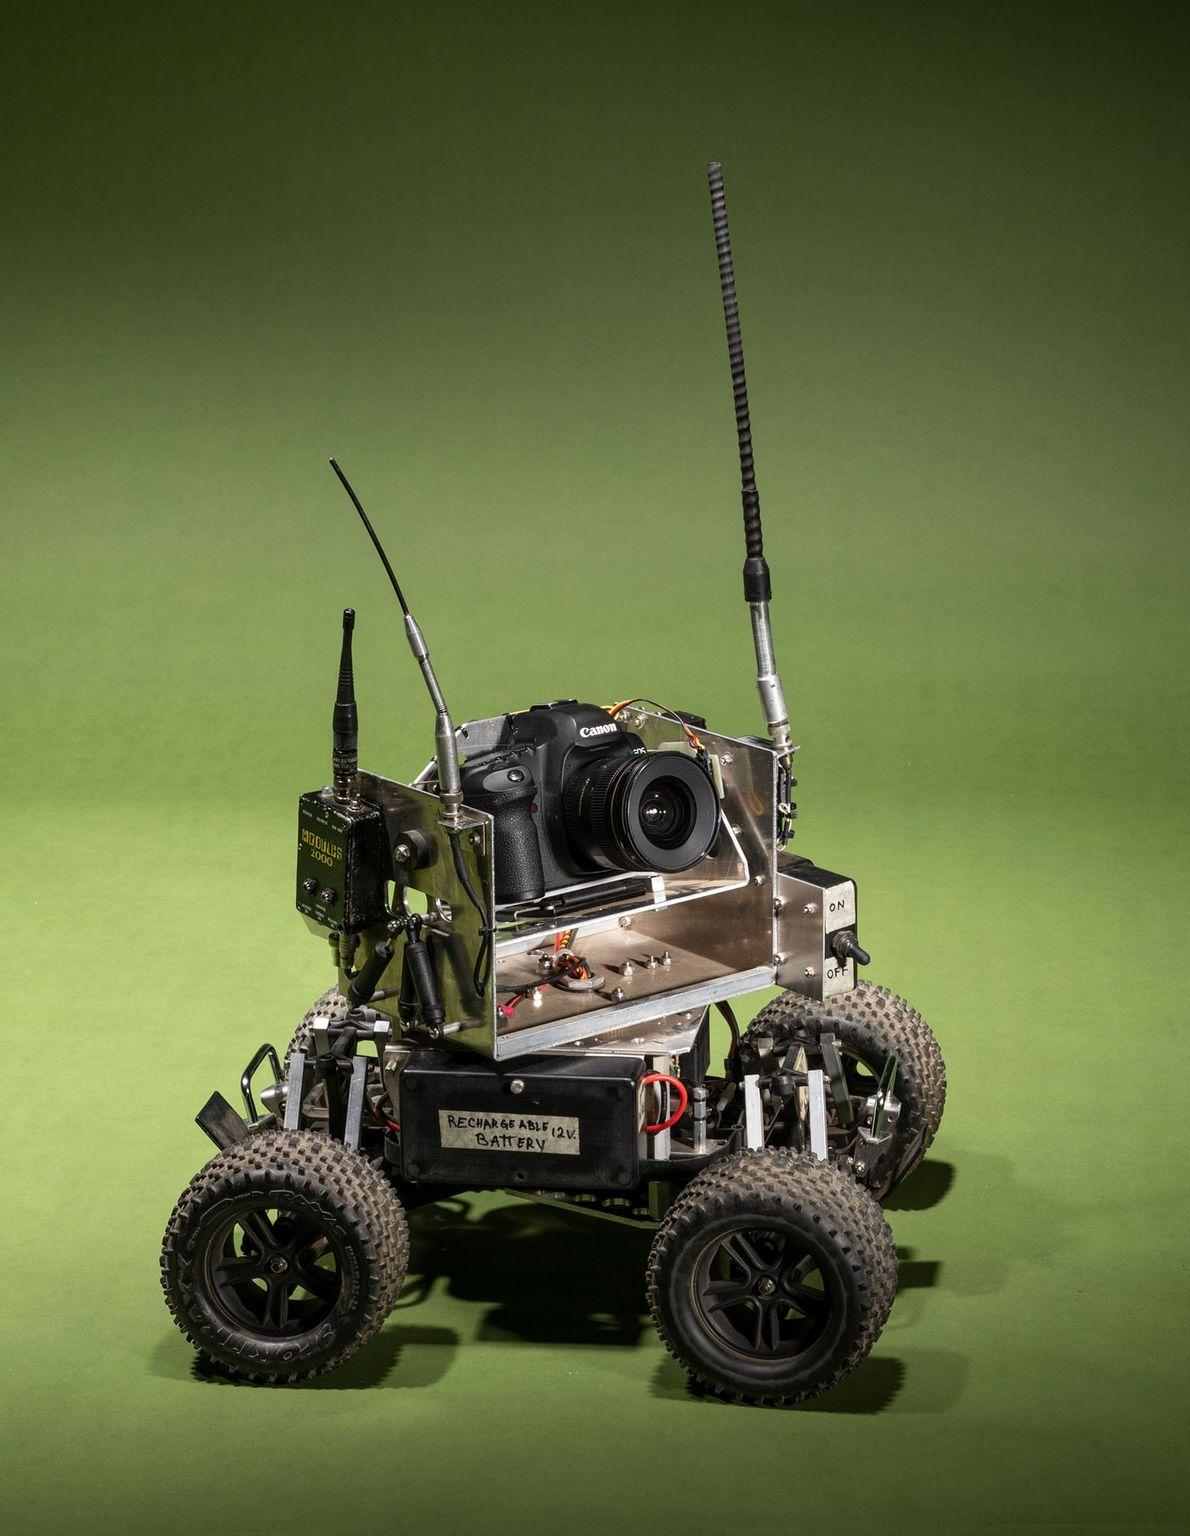 Steve Winter levou este carro-câmera personalizado para sua missão de documentar tigres sob uma nova perspectiva.